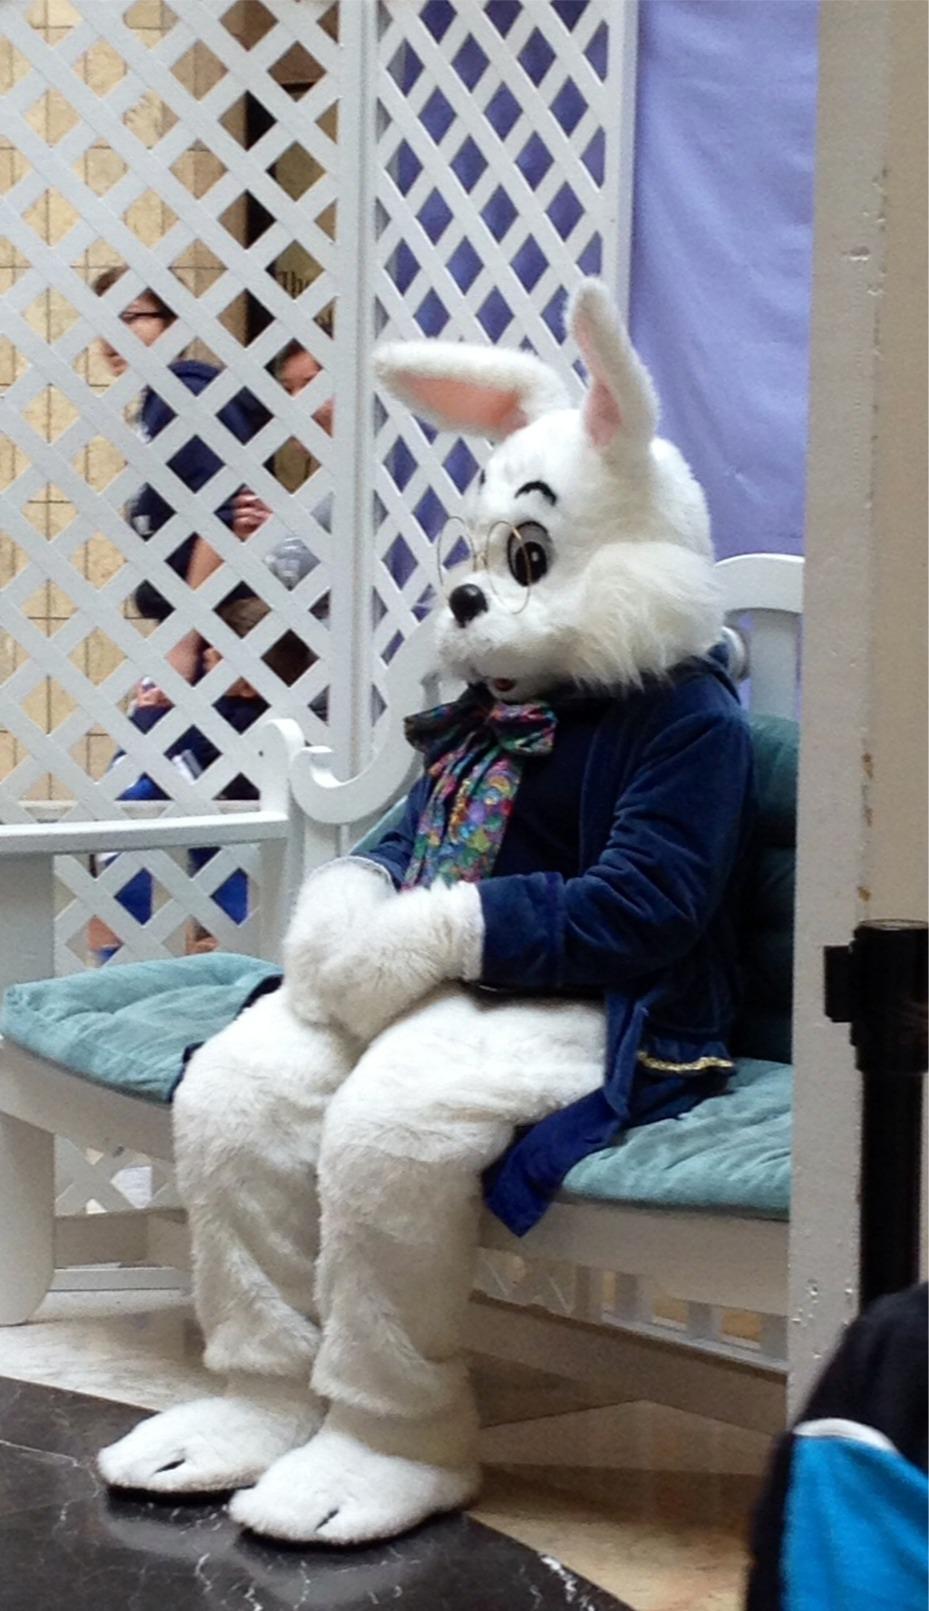 e54eb808acad68d9da64_Easter_Bunny.jpg